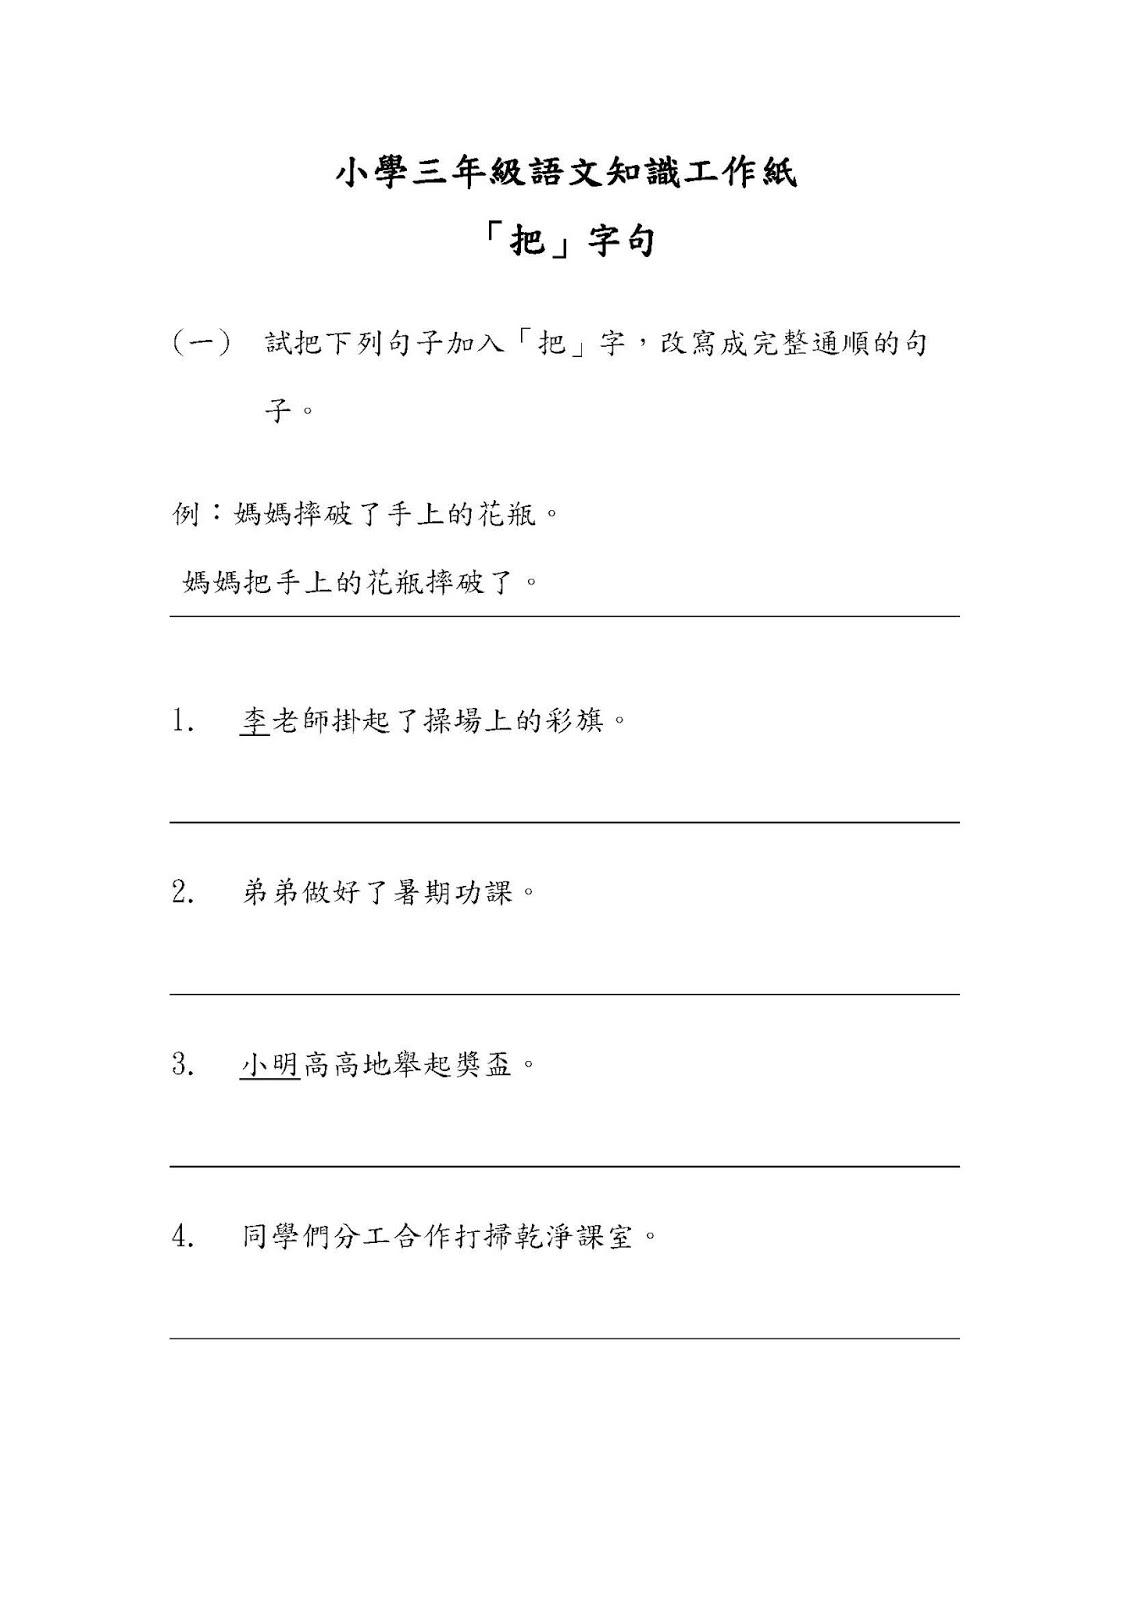 小三語文知識工作紙:「把」字句|中文工作紙|尤莉姐姐的反轉學堂